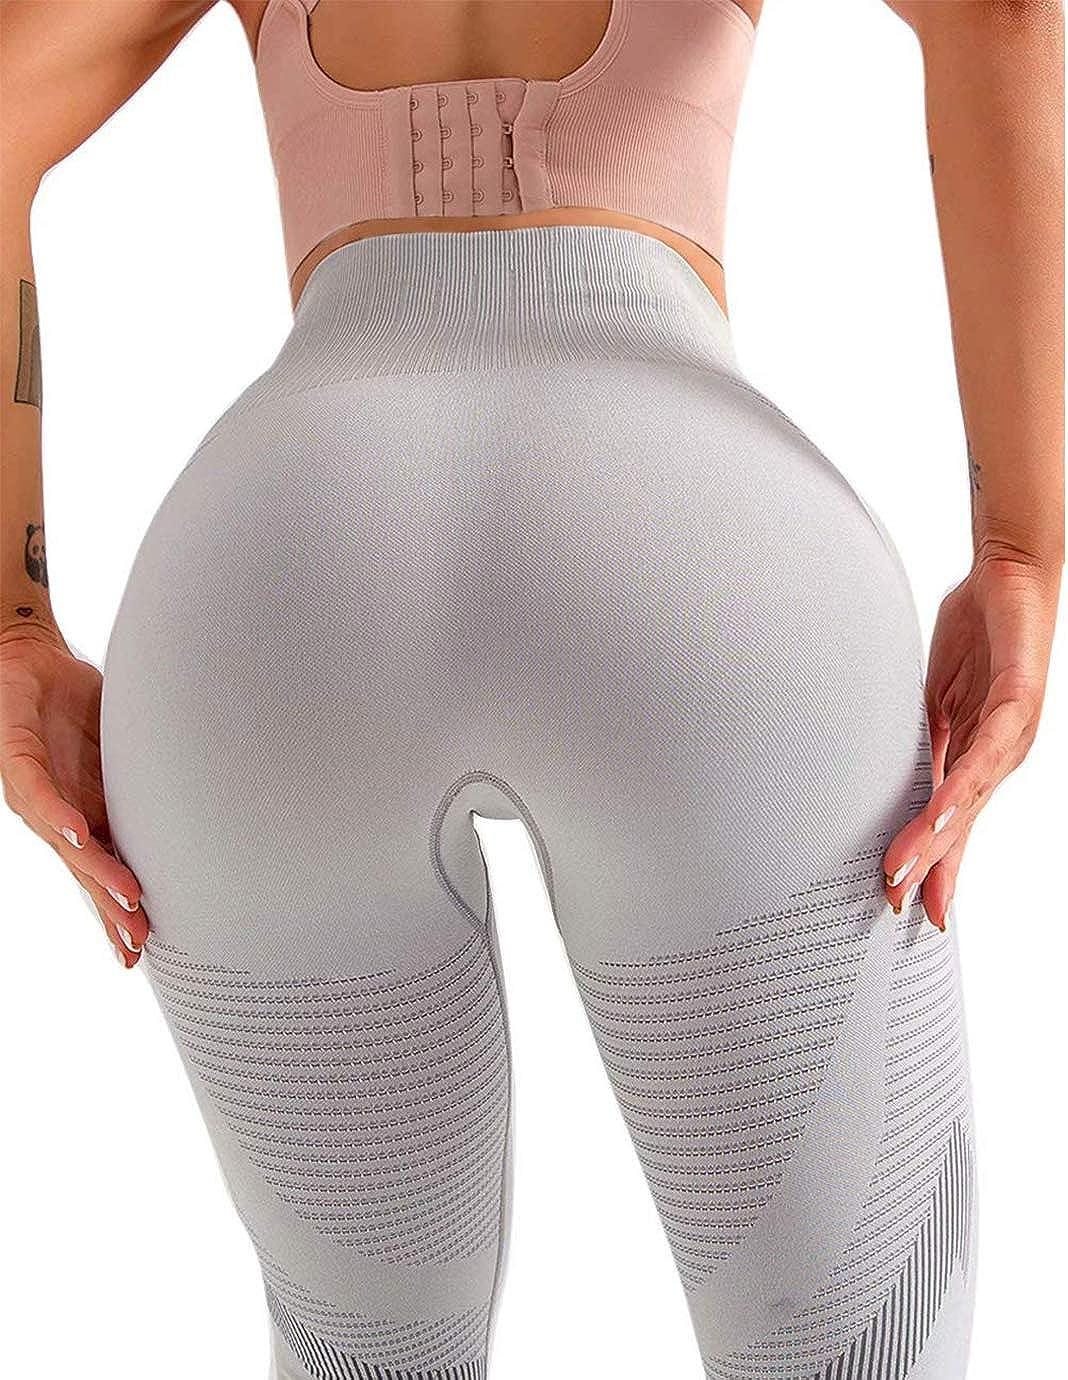 Qric Ultra Soft Leggings Seamless Yoga Pants for Women Workout High Waist